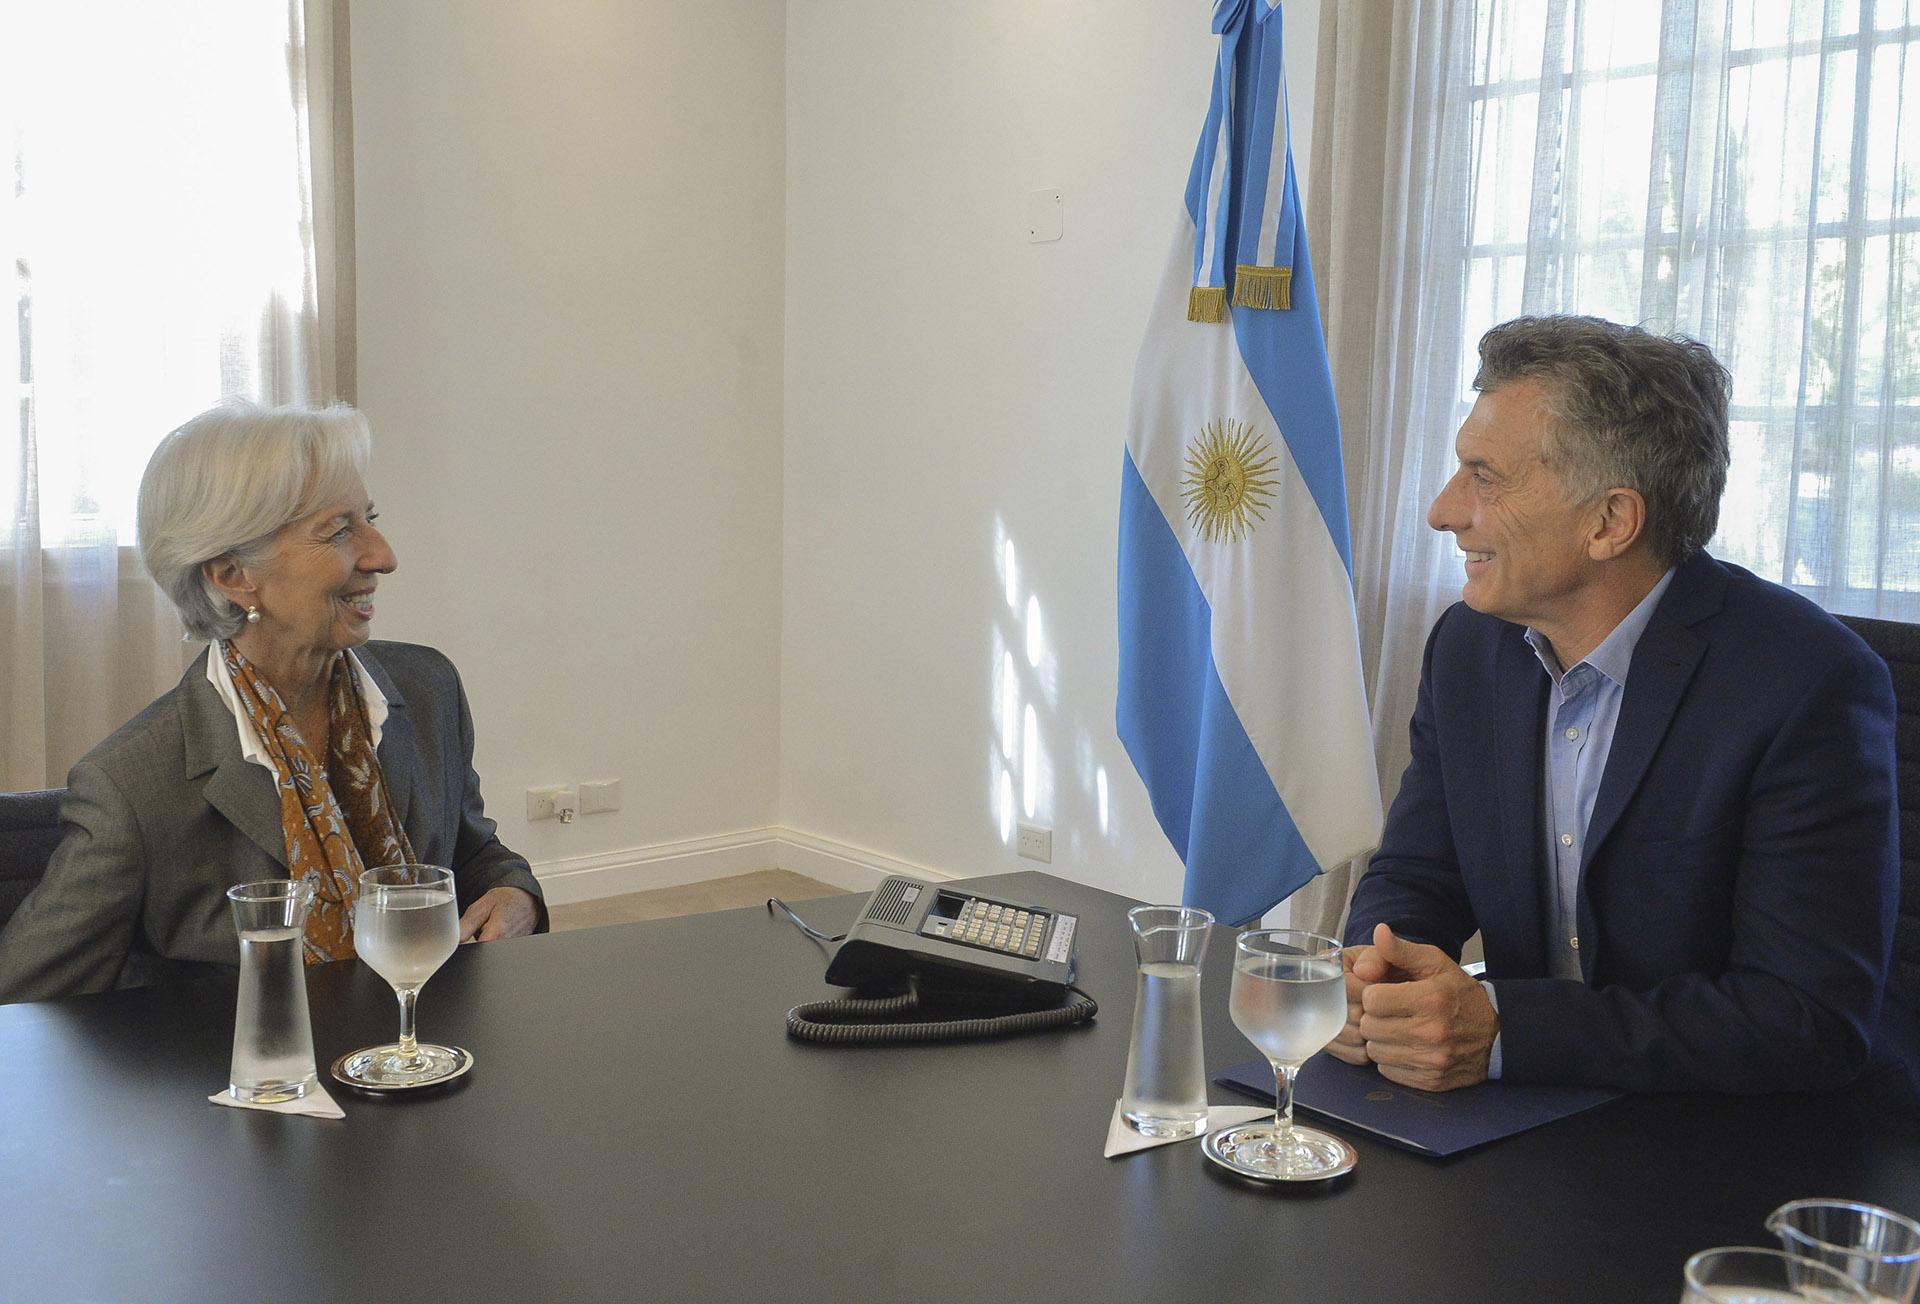 2018. En la residencia de Olivos con la directora del Fondo Monetario Internacional, Christine Lagarde.